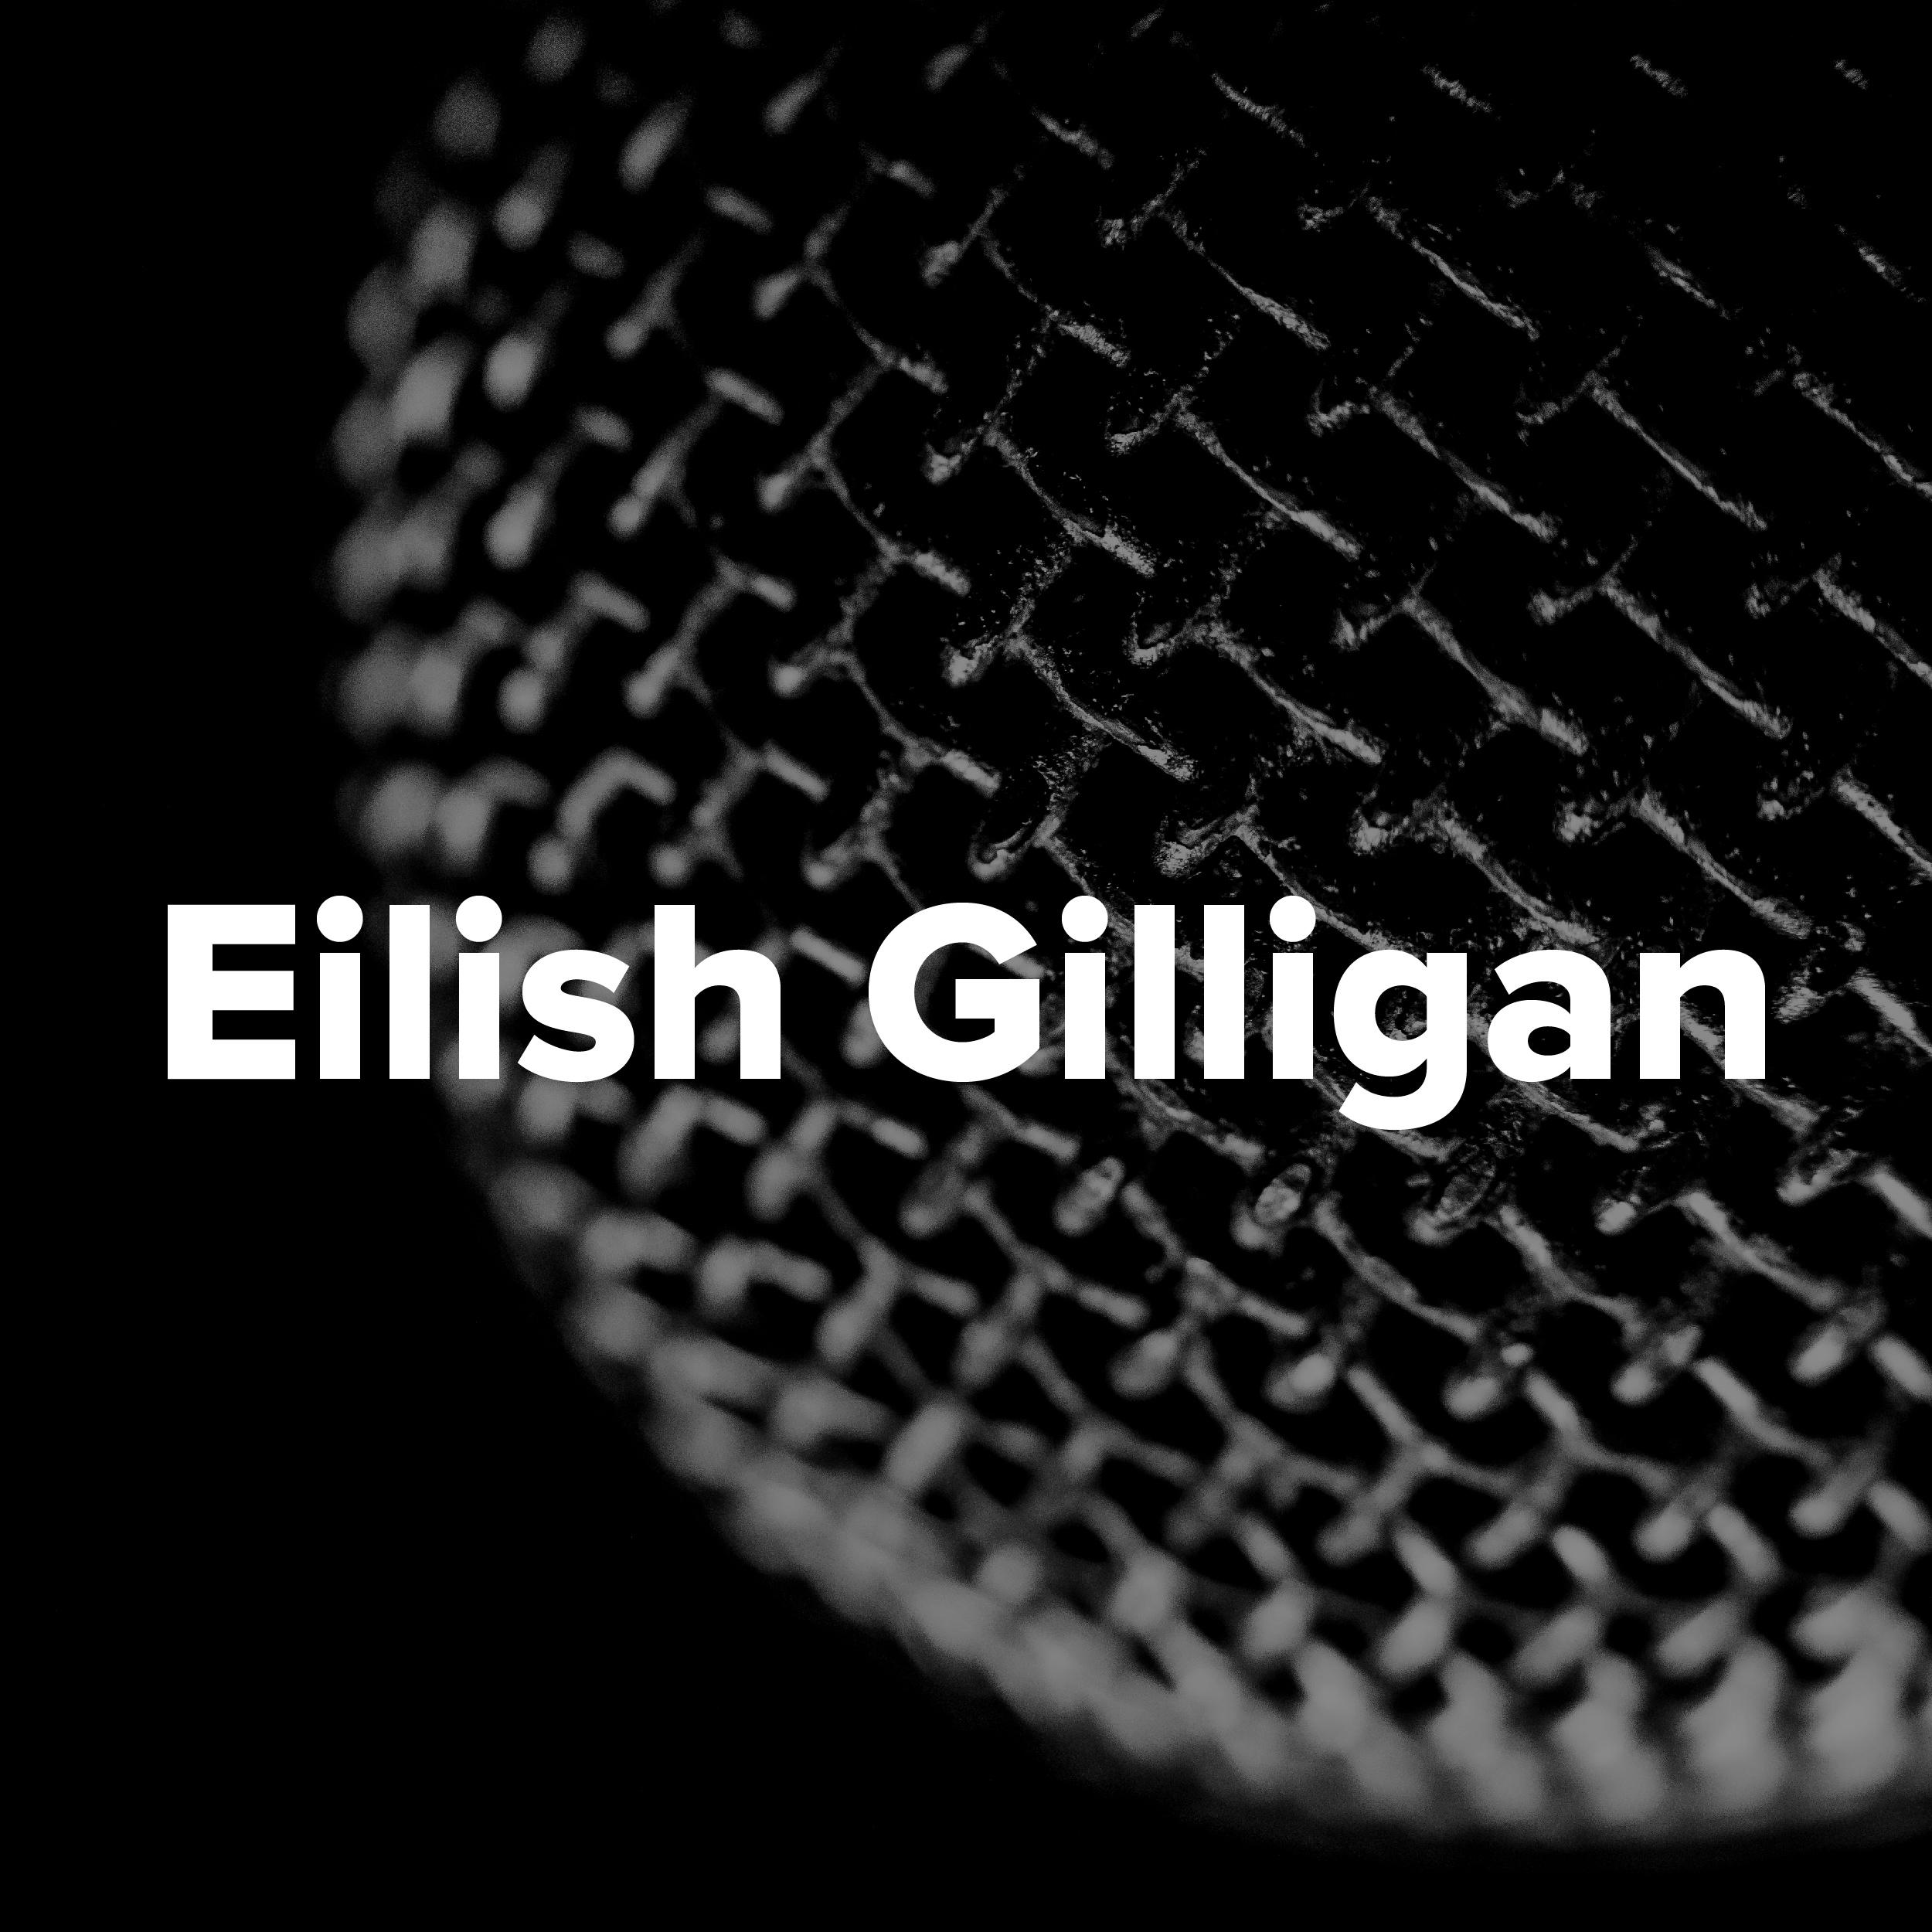 EilishGilligan-01.jpg